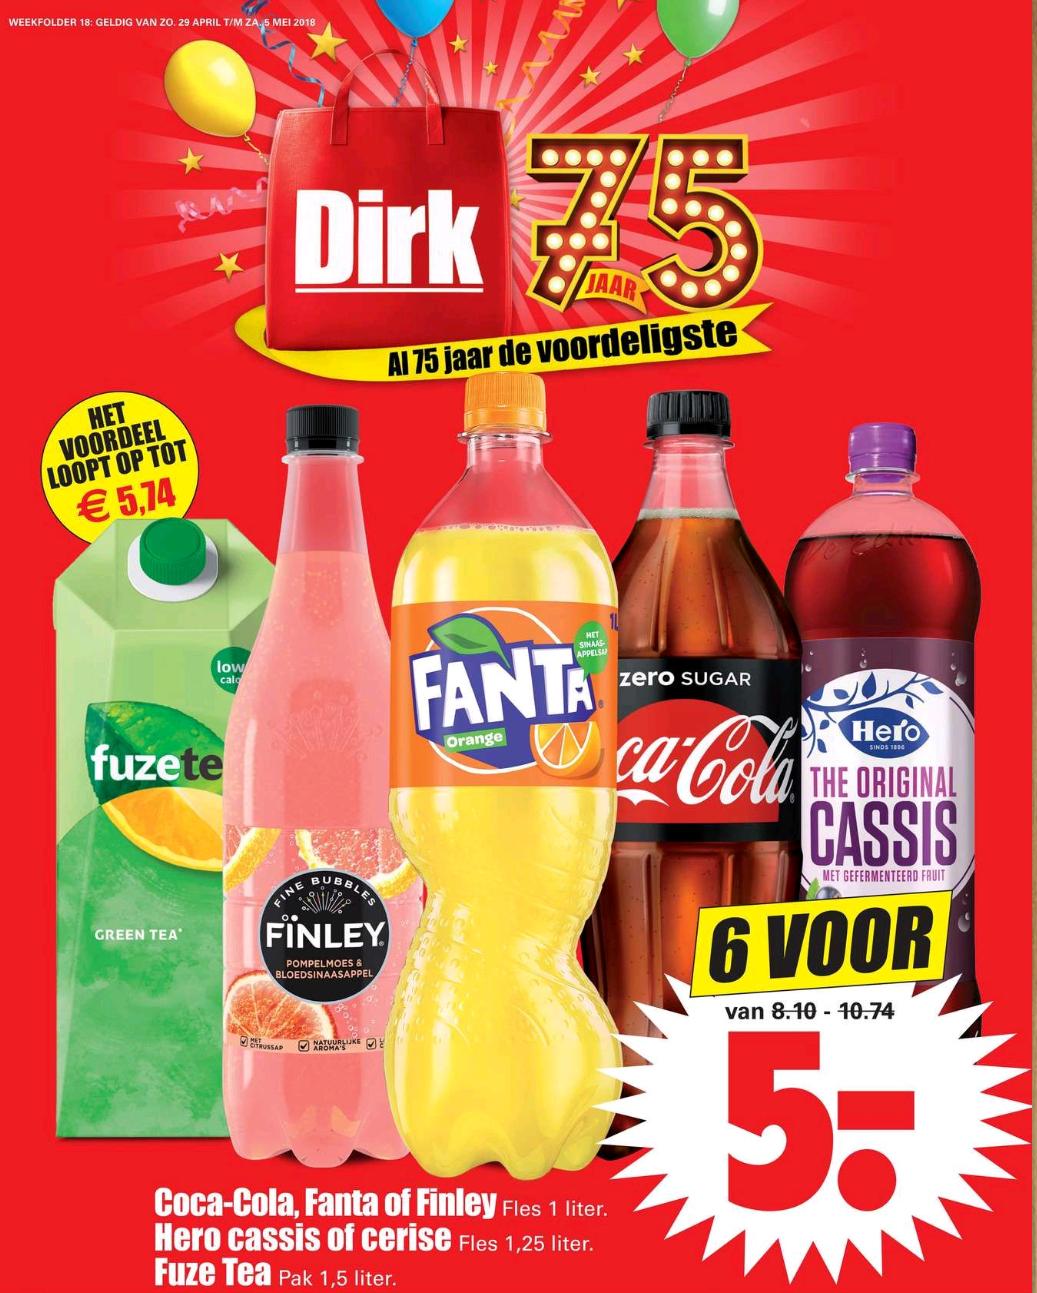 Coca-cola, Fanta, Finley, Hero of Fuze tea 6 voor 5 euro @ Dirk van der Broek